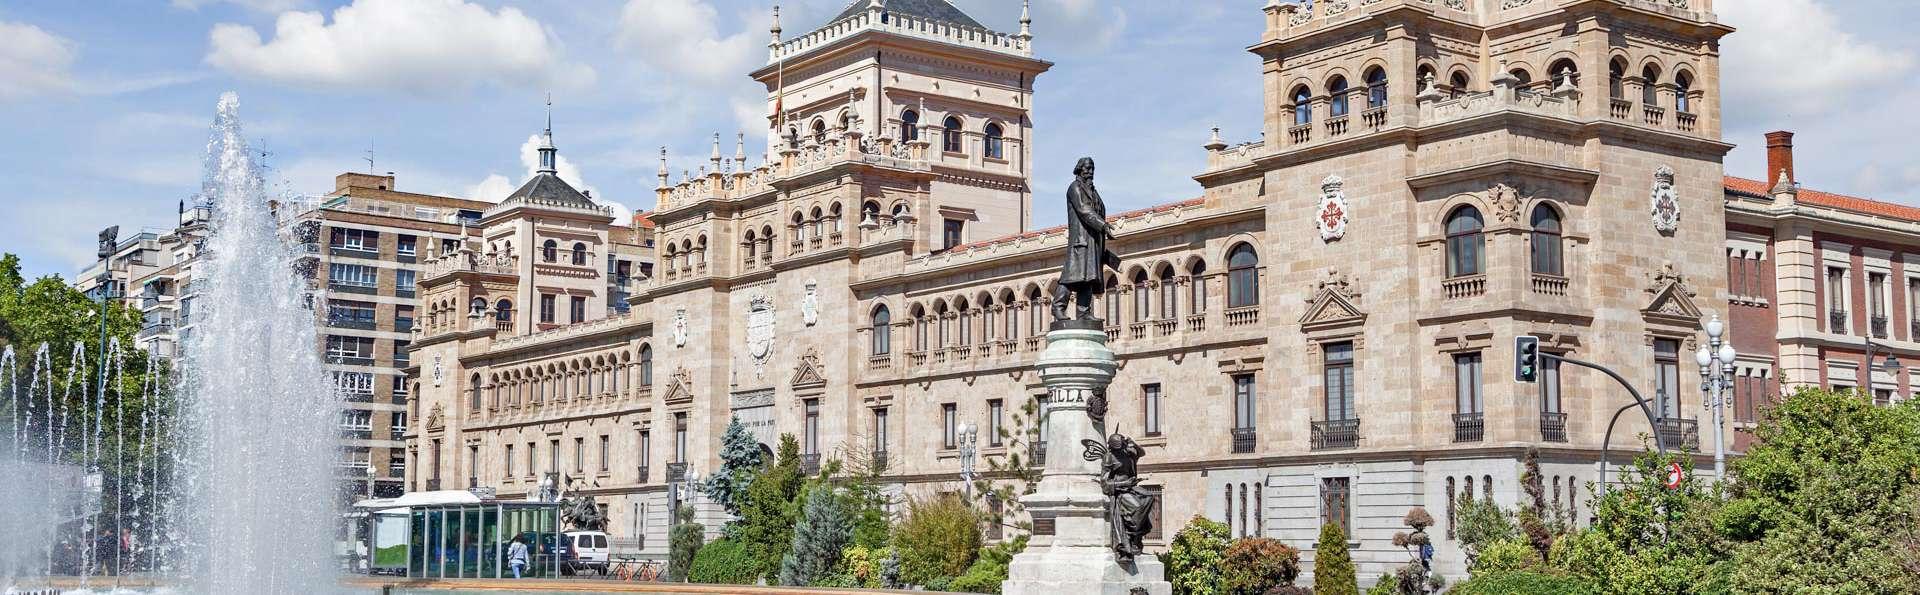 Escapada en Valladolid en habitación superior con desayuno incluido y niño gratis en mismo régimen